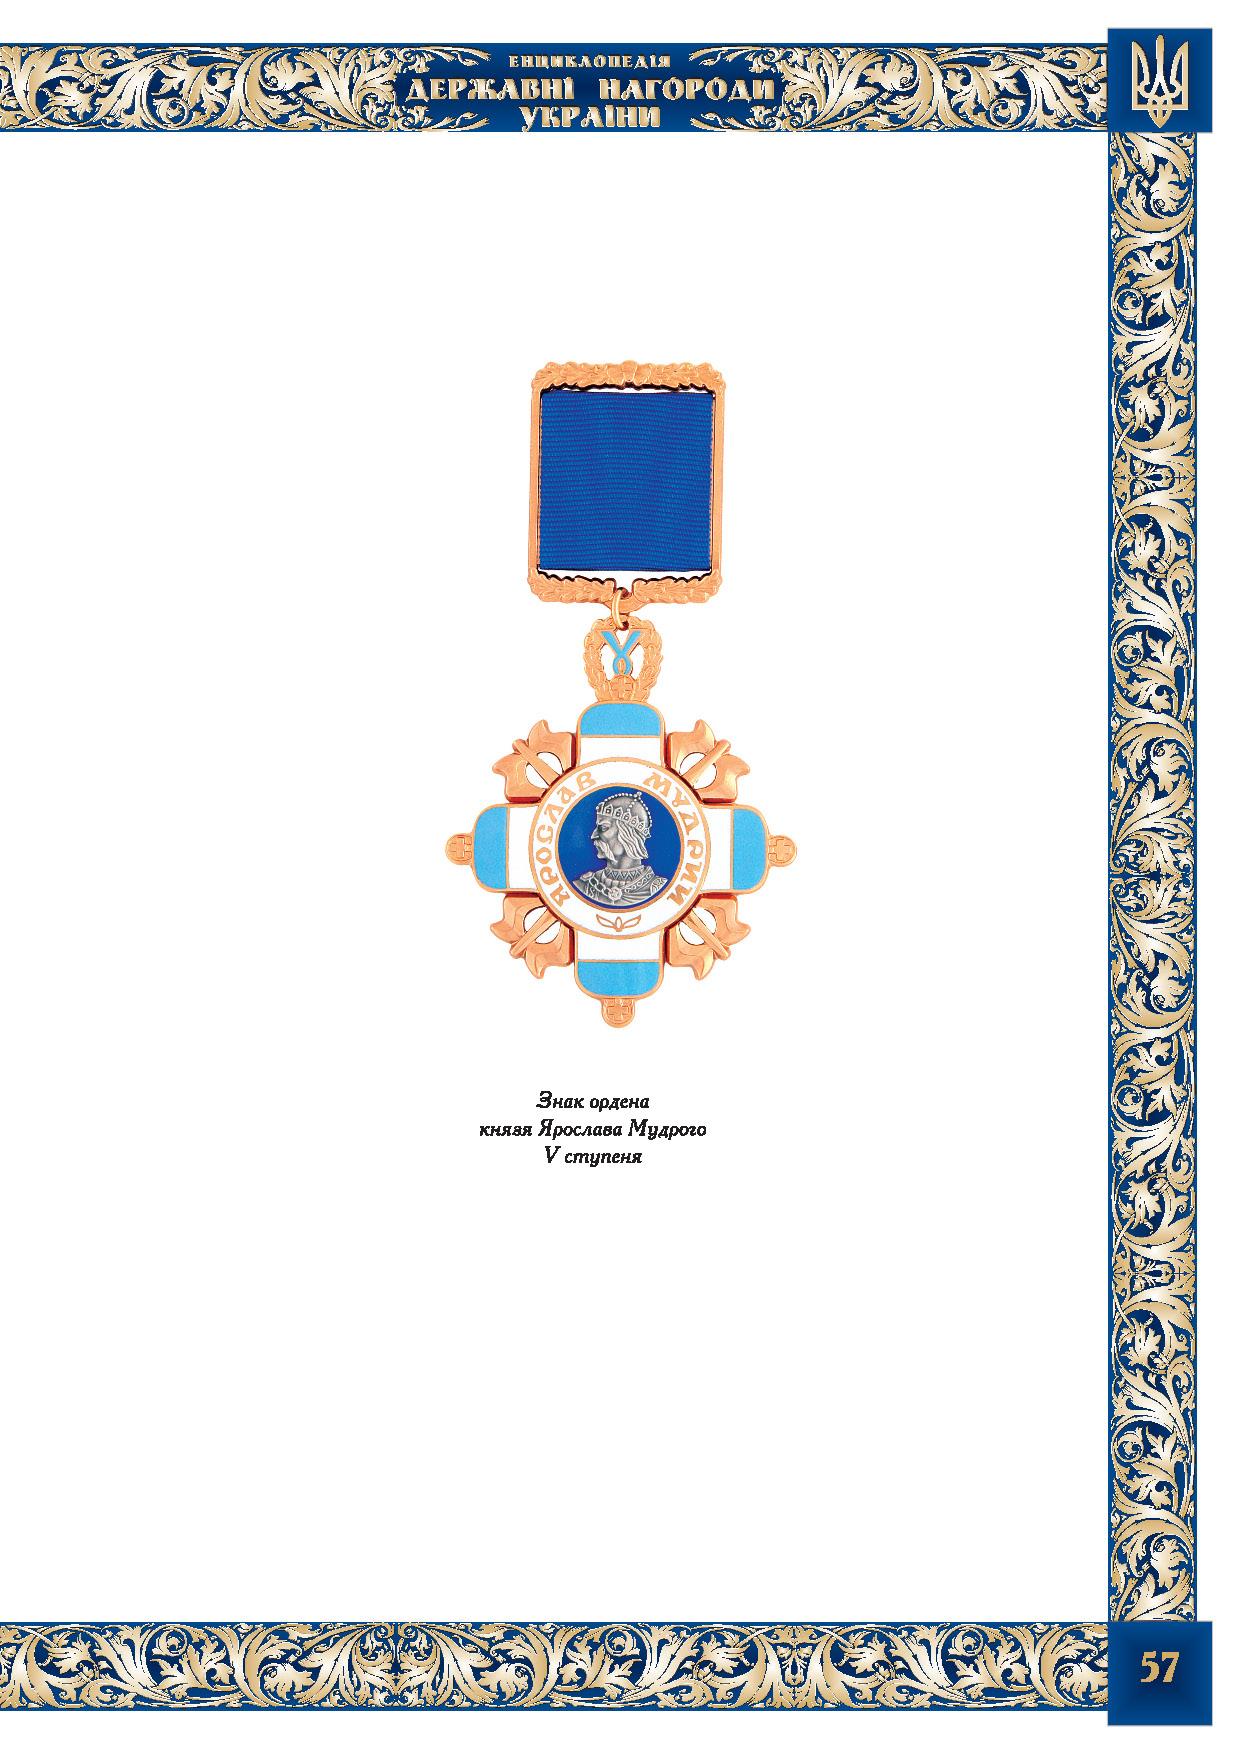 Знак ордена князя Ярослава Мудрого IV ступеня